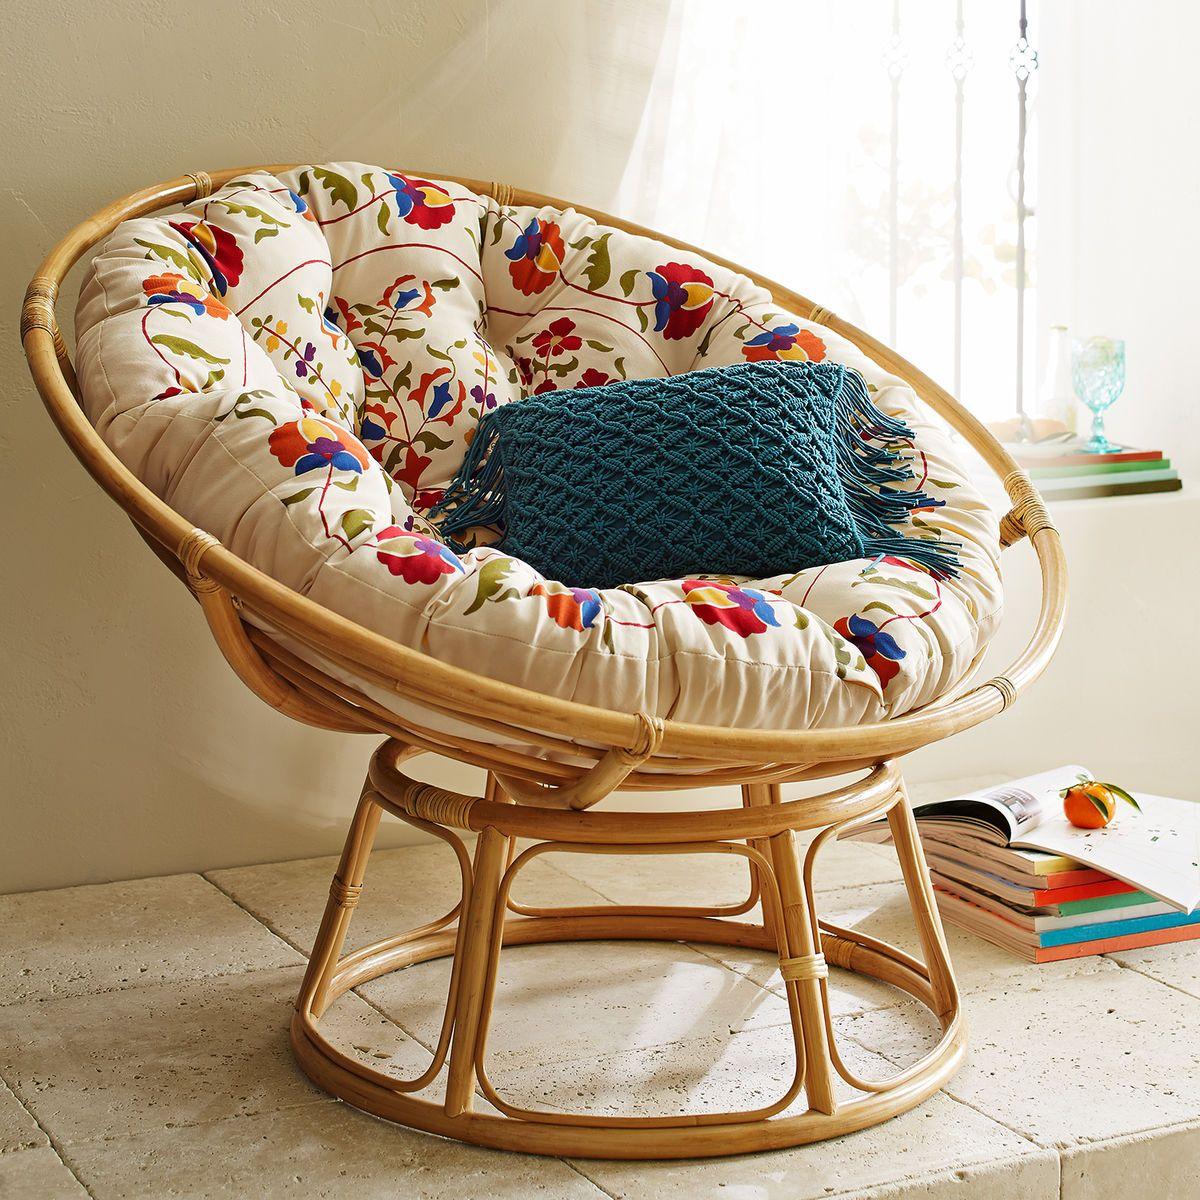 Papasan Chair Cushion   Boho Floral   Pier 1 Imports